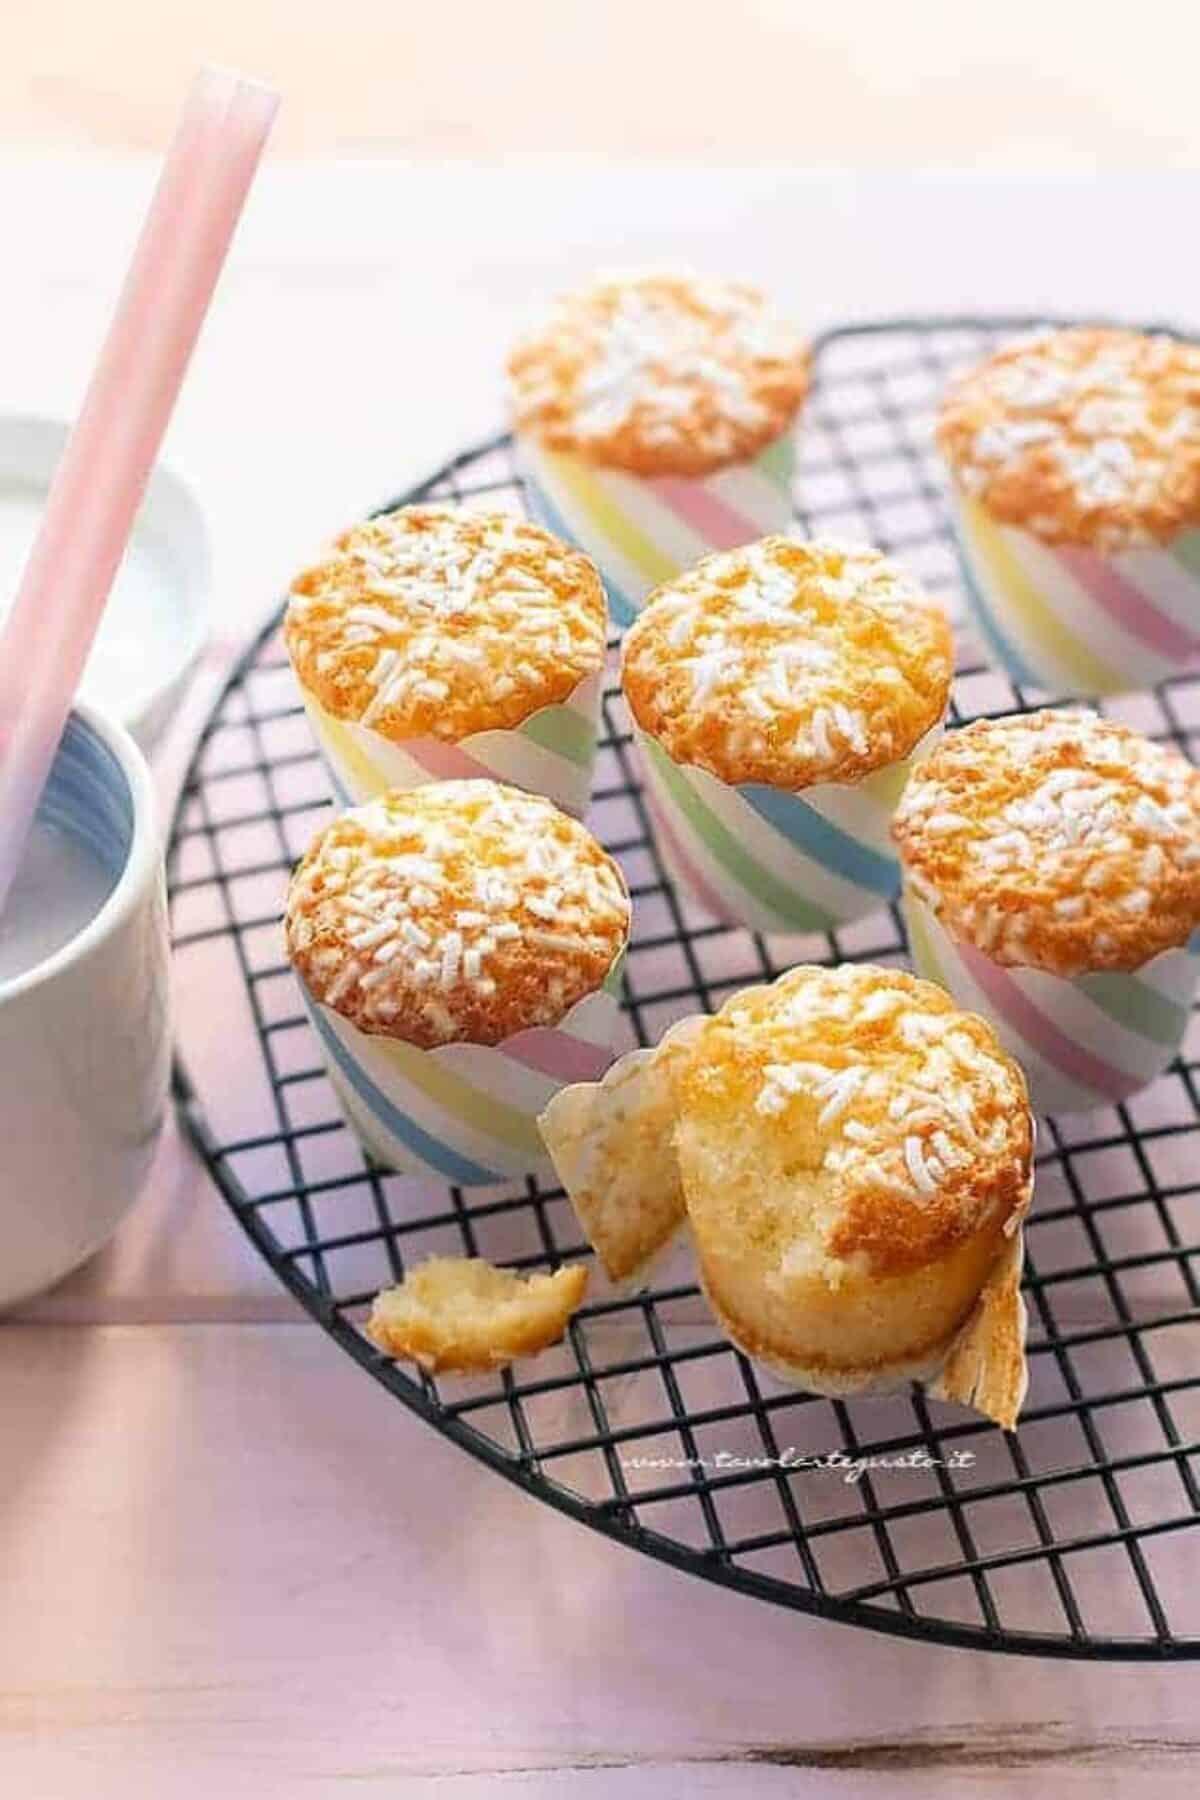 Ricetta Muffin Un Uovo.Muffin Allo Yogurt Sofficissimi E Senza Burro Ricetta Veloce